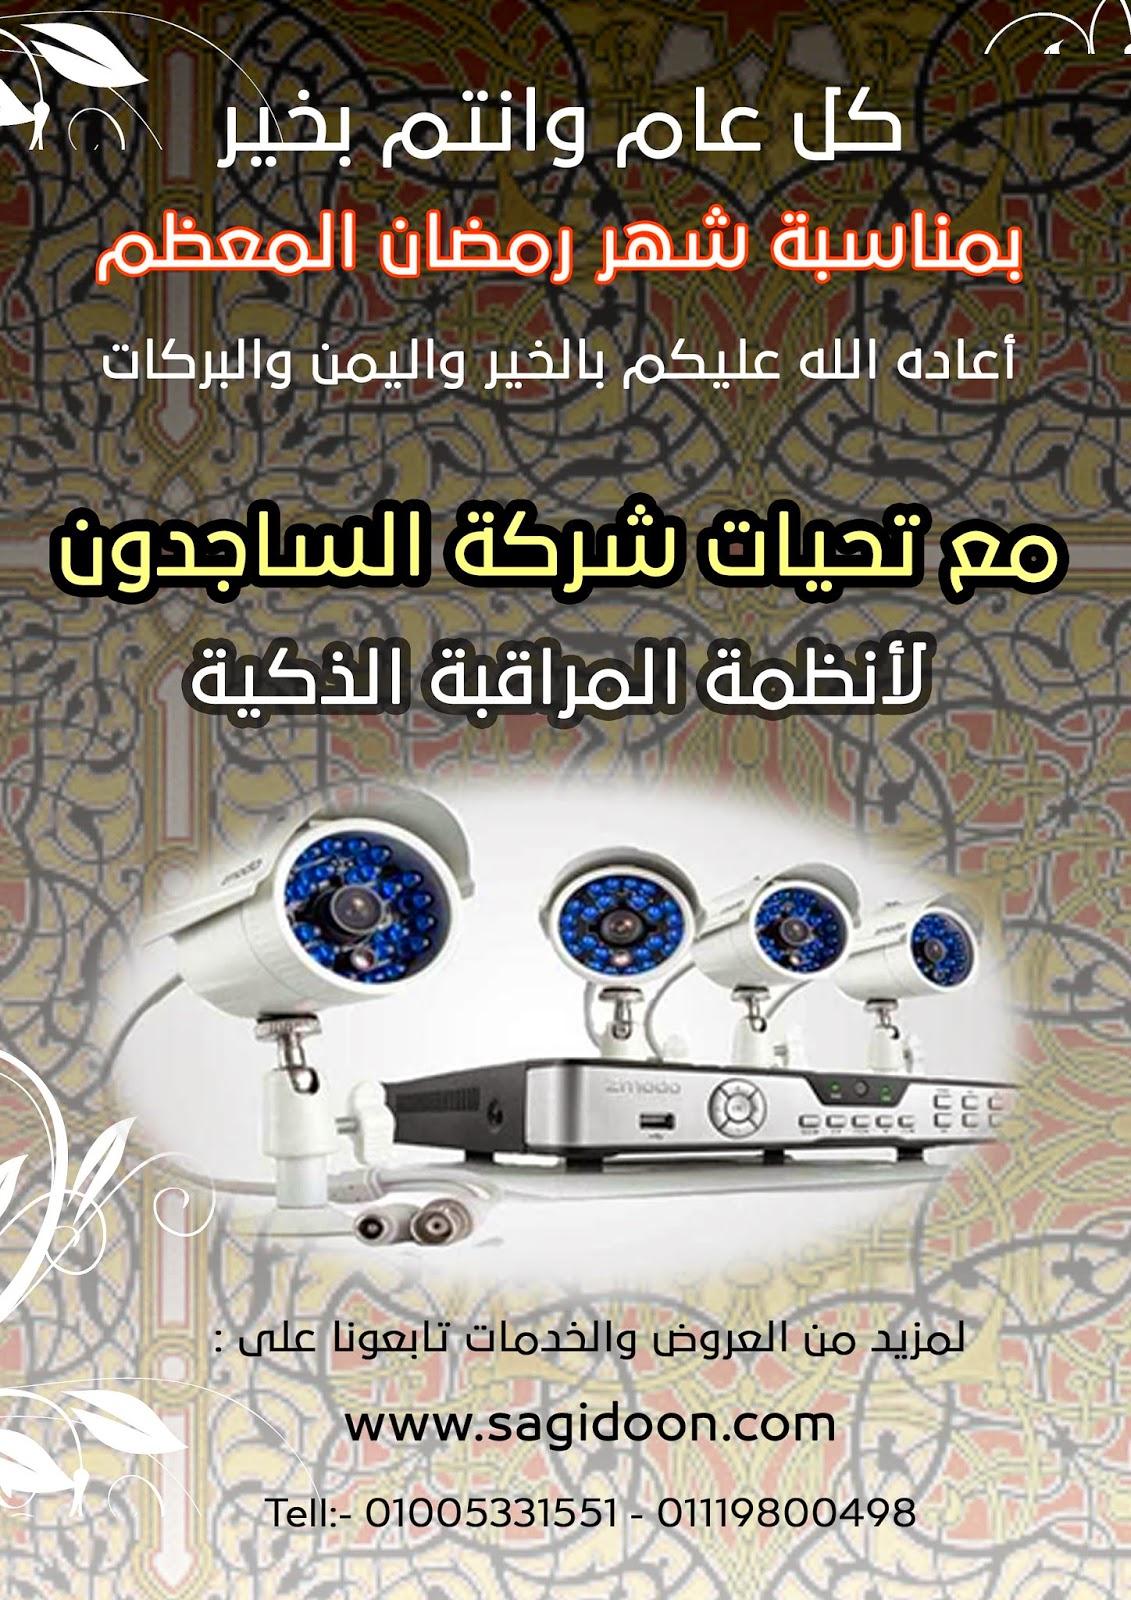 كاميرات-مراقبة-شركة-الساجدون